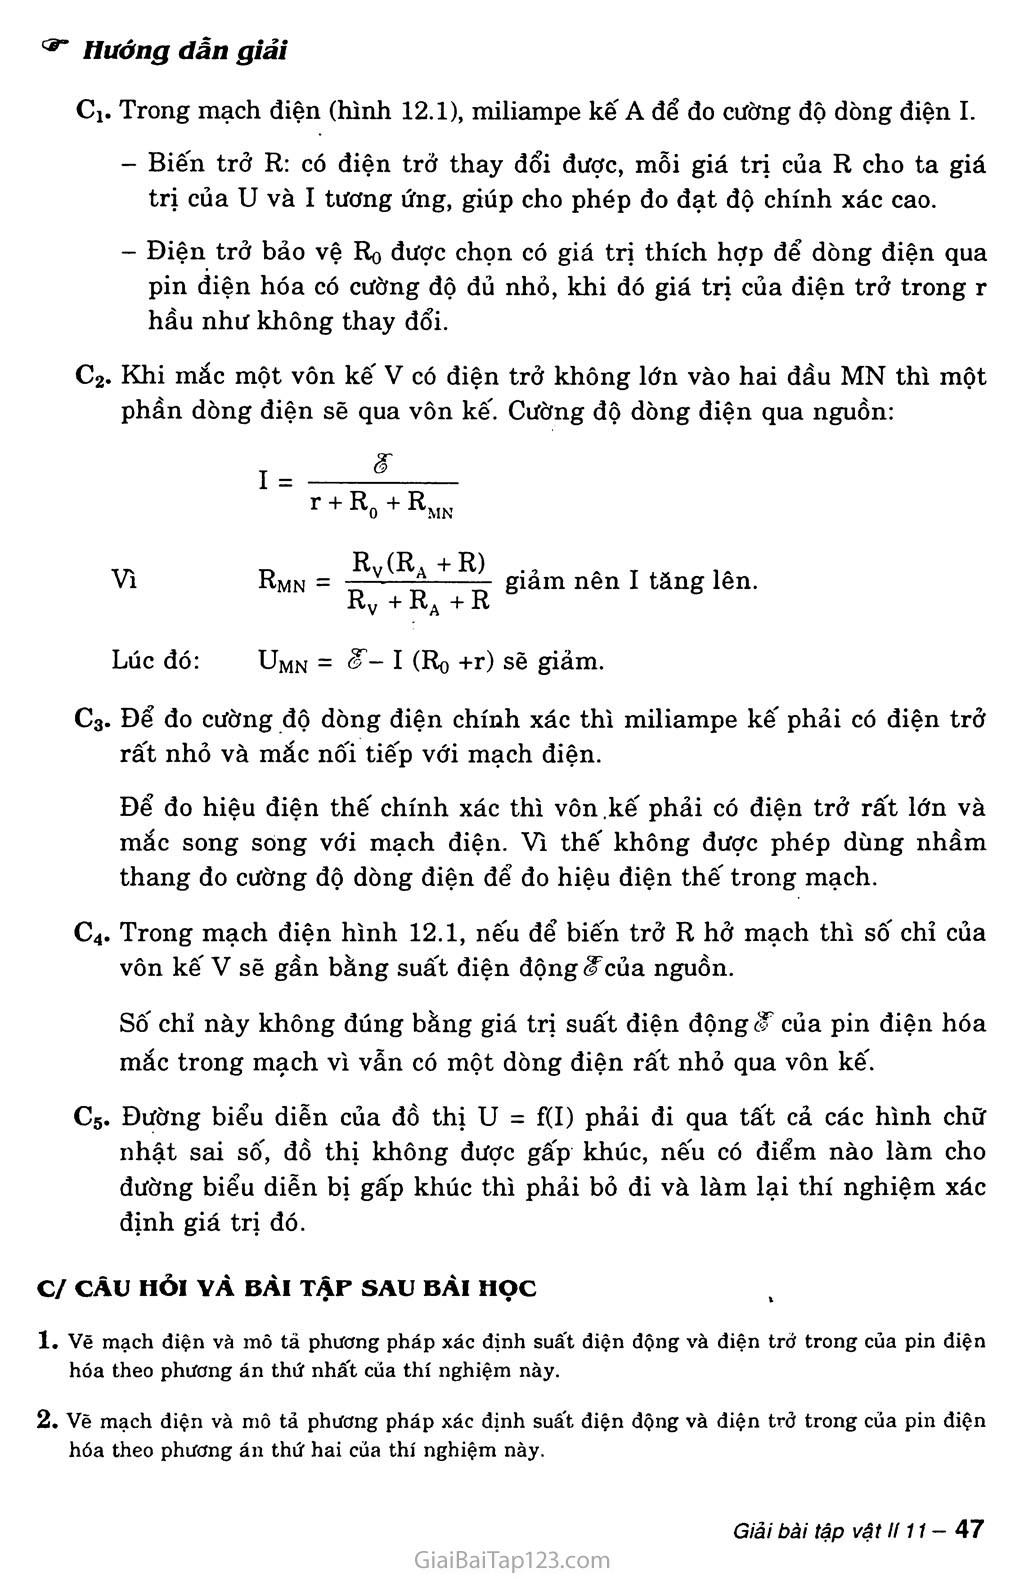 Bài 12: Thực hành: Xác định suất điện động và điện trở trong của một pin điện hóa trang 3